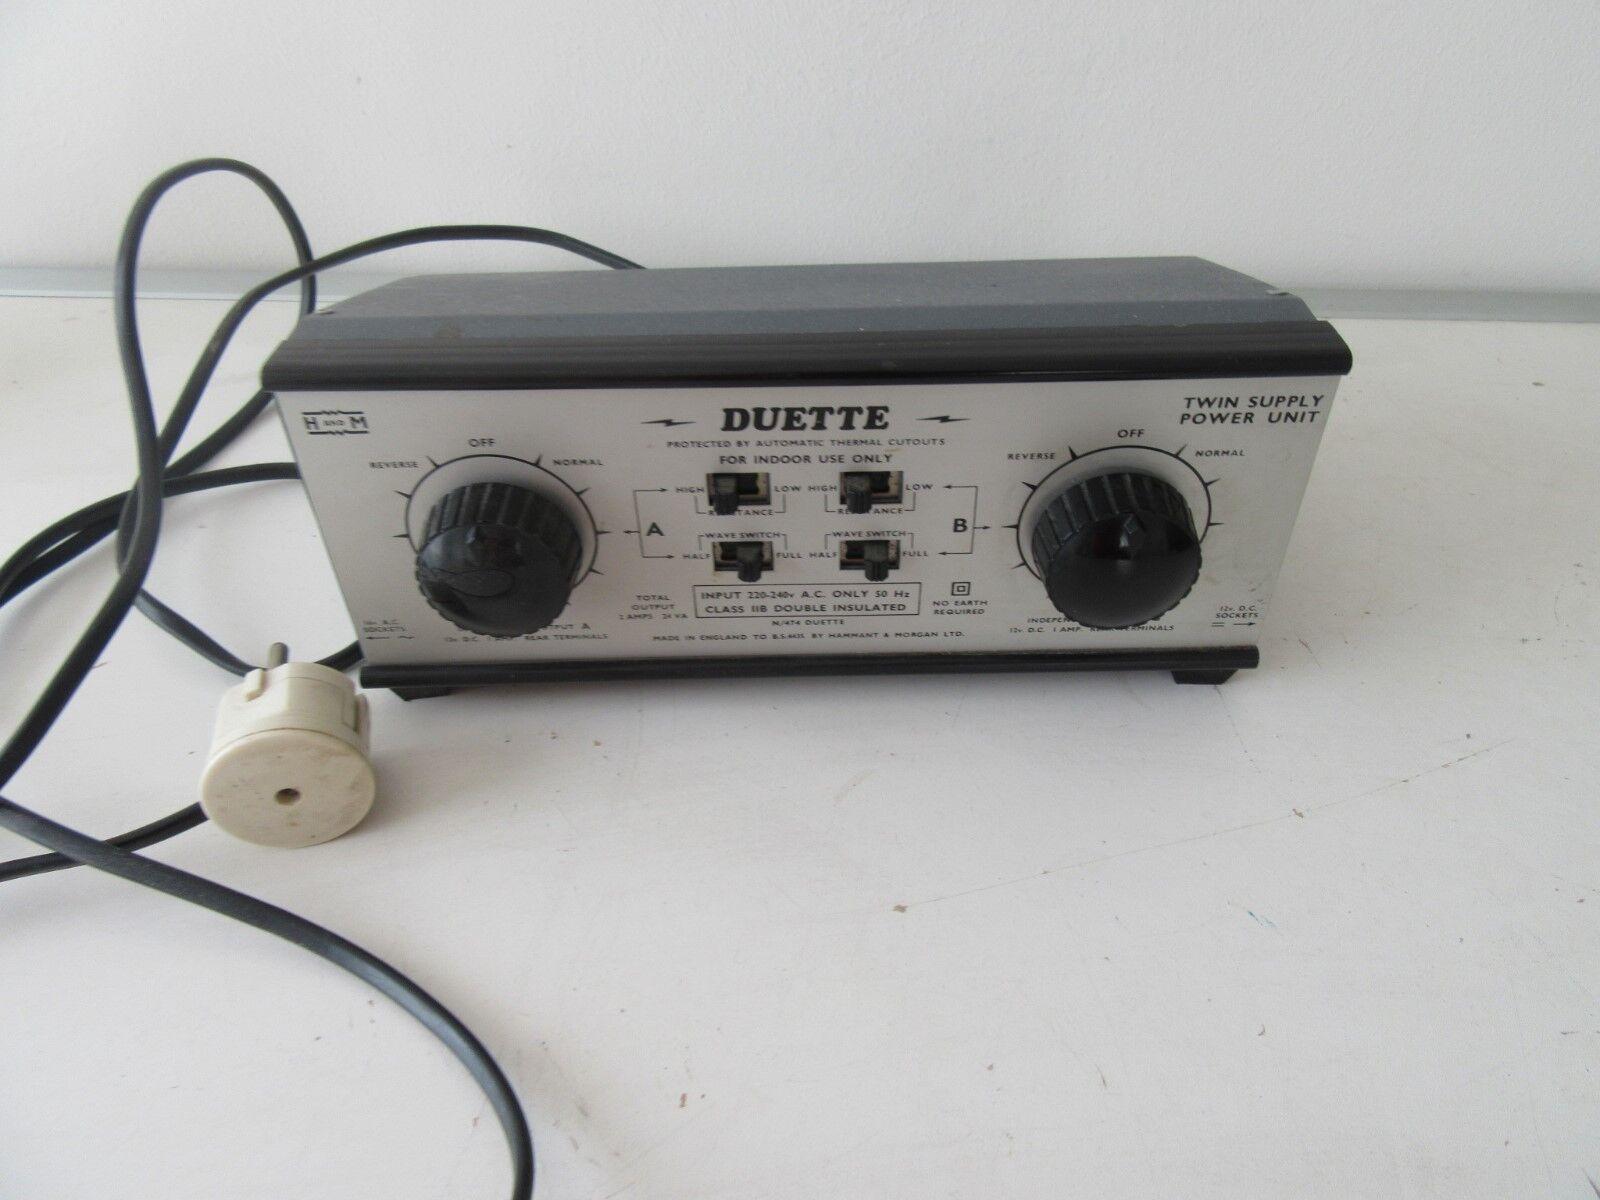 Hammant&Morgan N 474 Duette powerunit modelbaan trafo